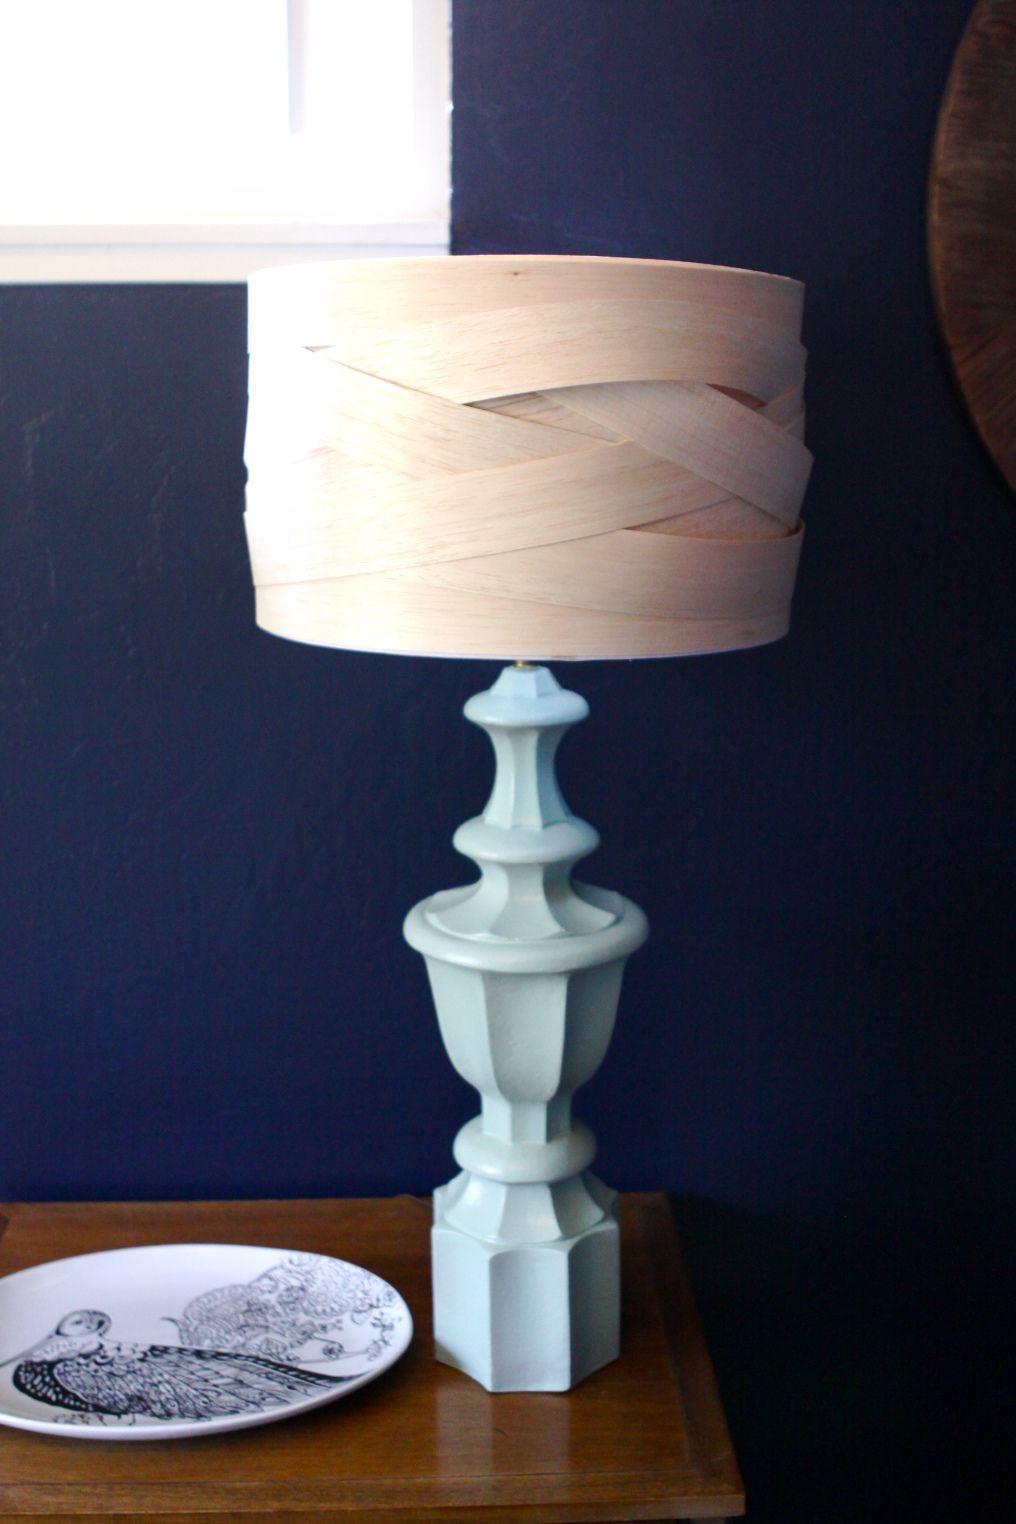 Diy Balsa Wood Lamp Shade Wood Lamp Shade Diy Lamp Shade Diy Light Fixtures